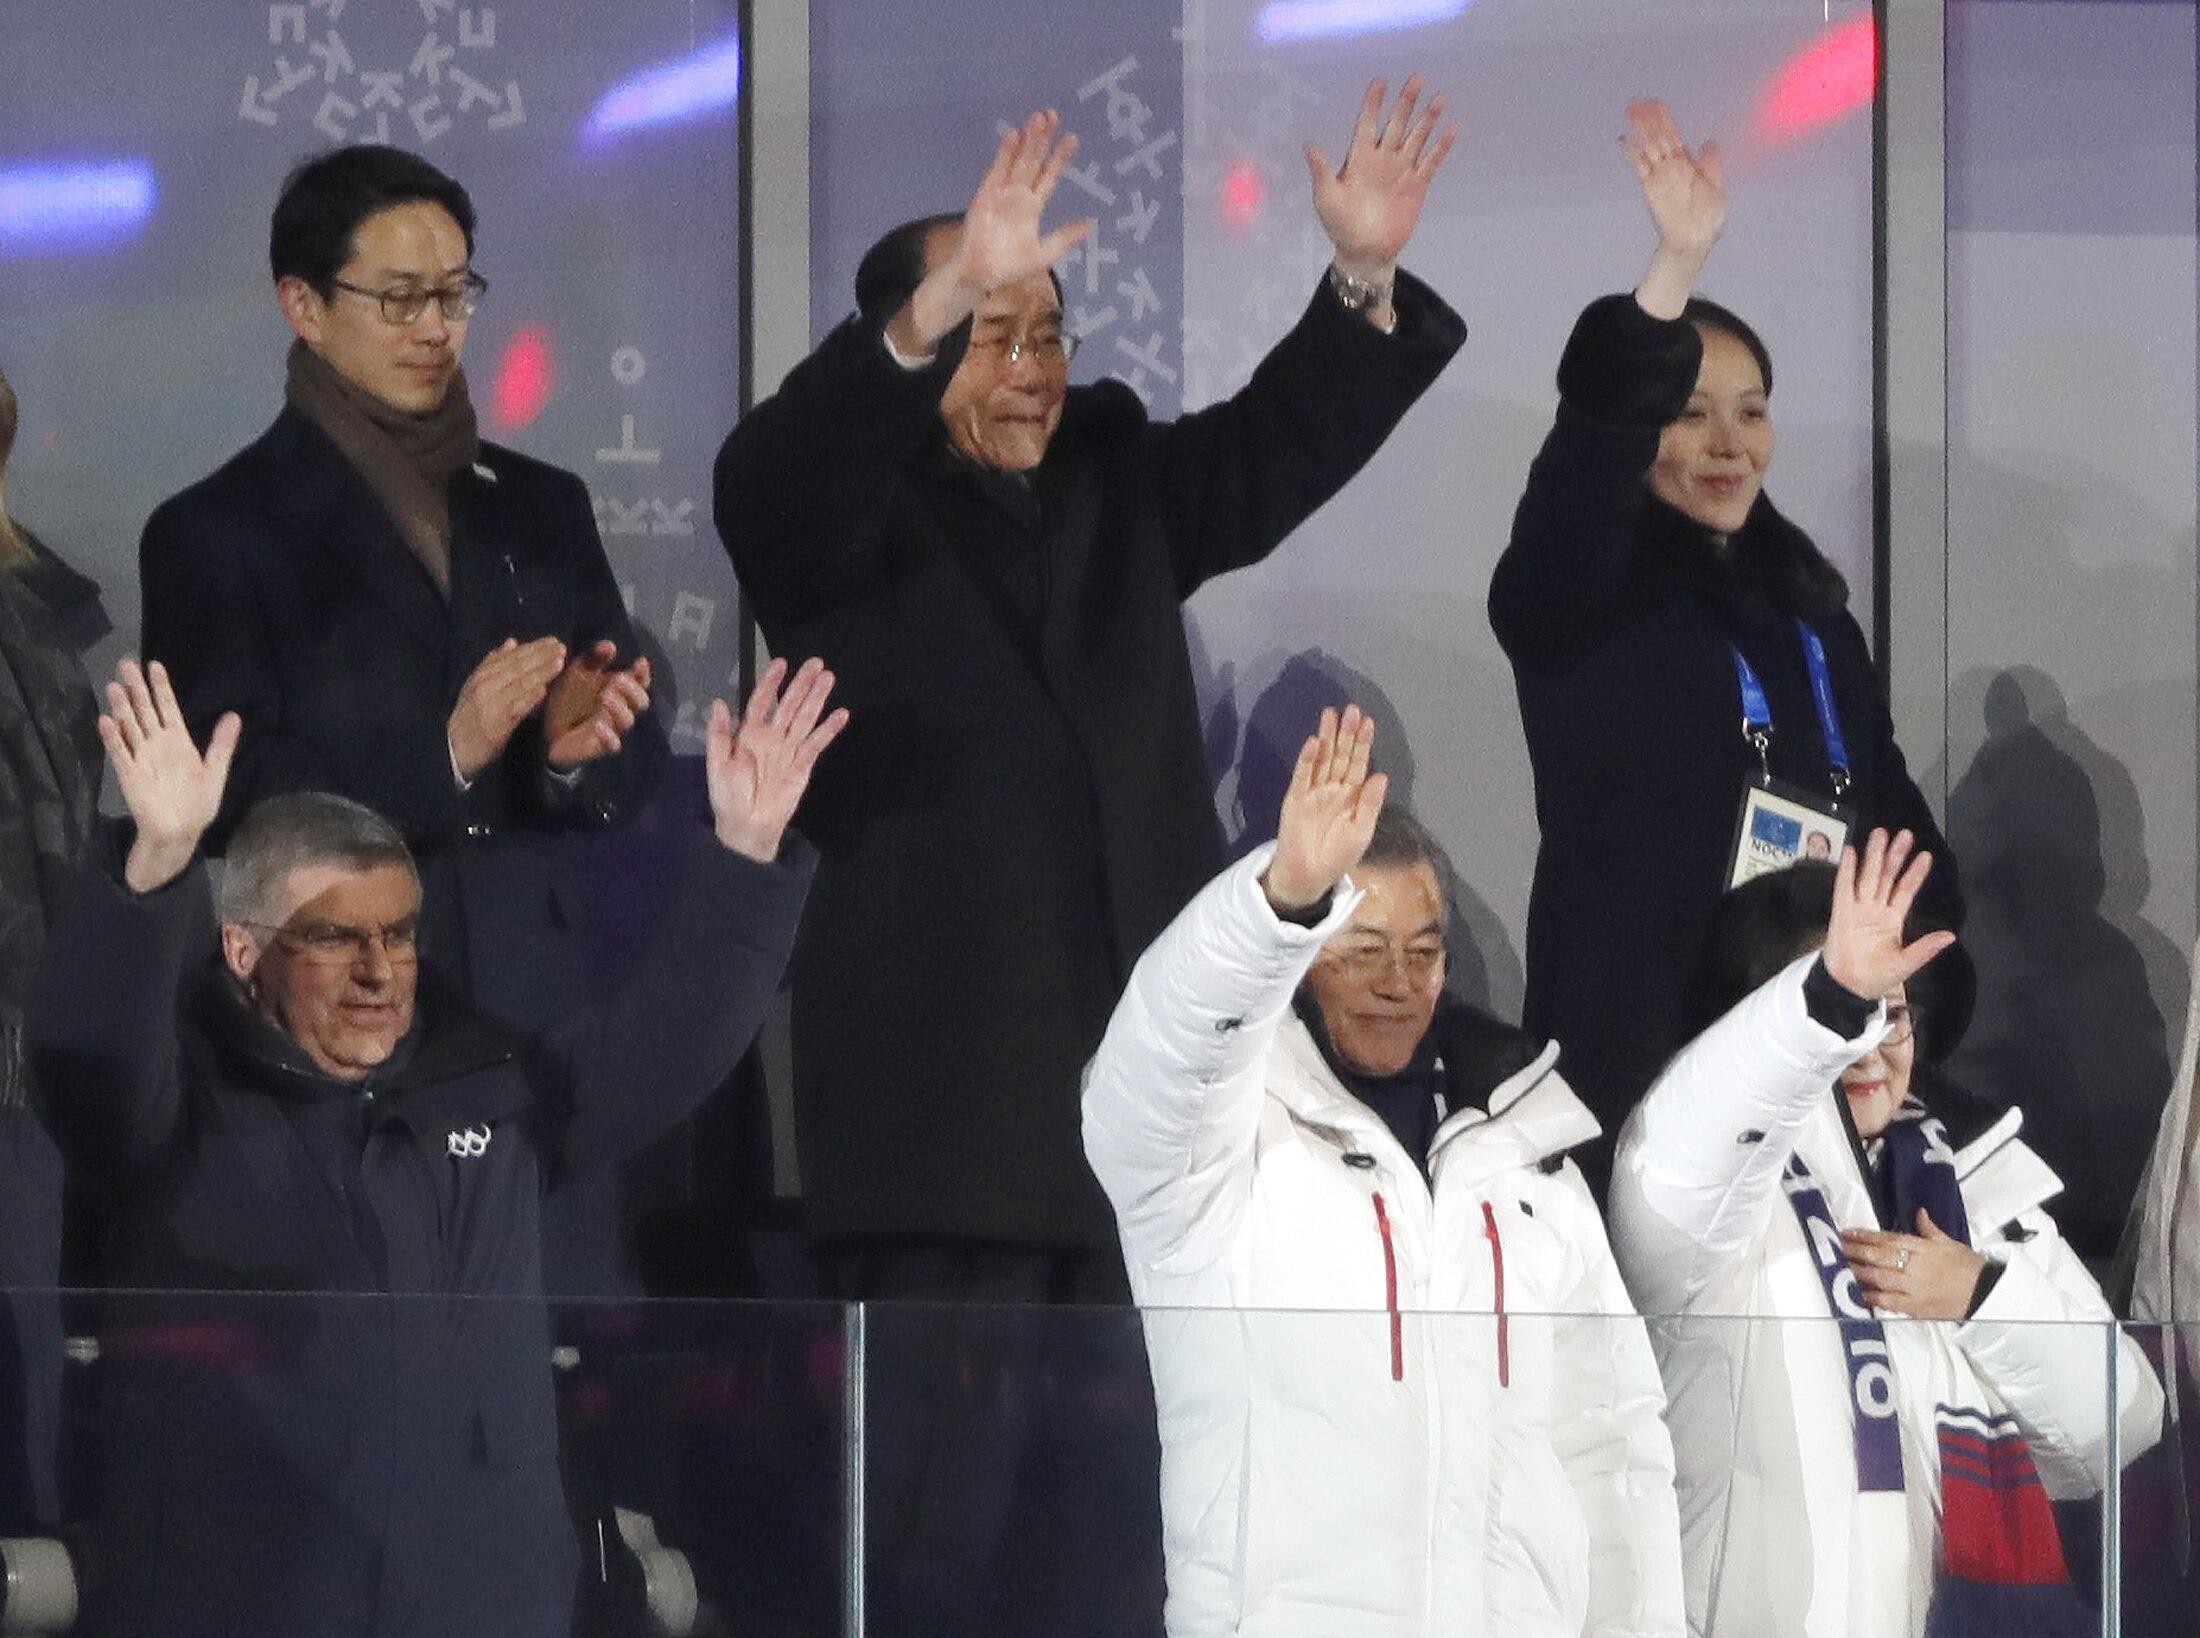 Tổng thống Hàn Quốc Moon Jae In et sa femme (Áo trắng) và Kim Yong Nam (G - hàng thứ 2) chủ tịch Quốc Hội BTT, Kim Yo Jong (P - hàng thứ 2), em gái Kim Jong Un, trong lễ khai mạc TVH Mùa Đông Pyeongchang, ngày 09/02/2018